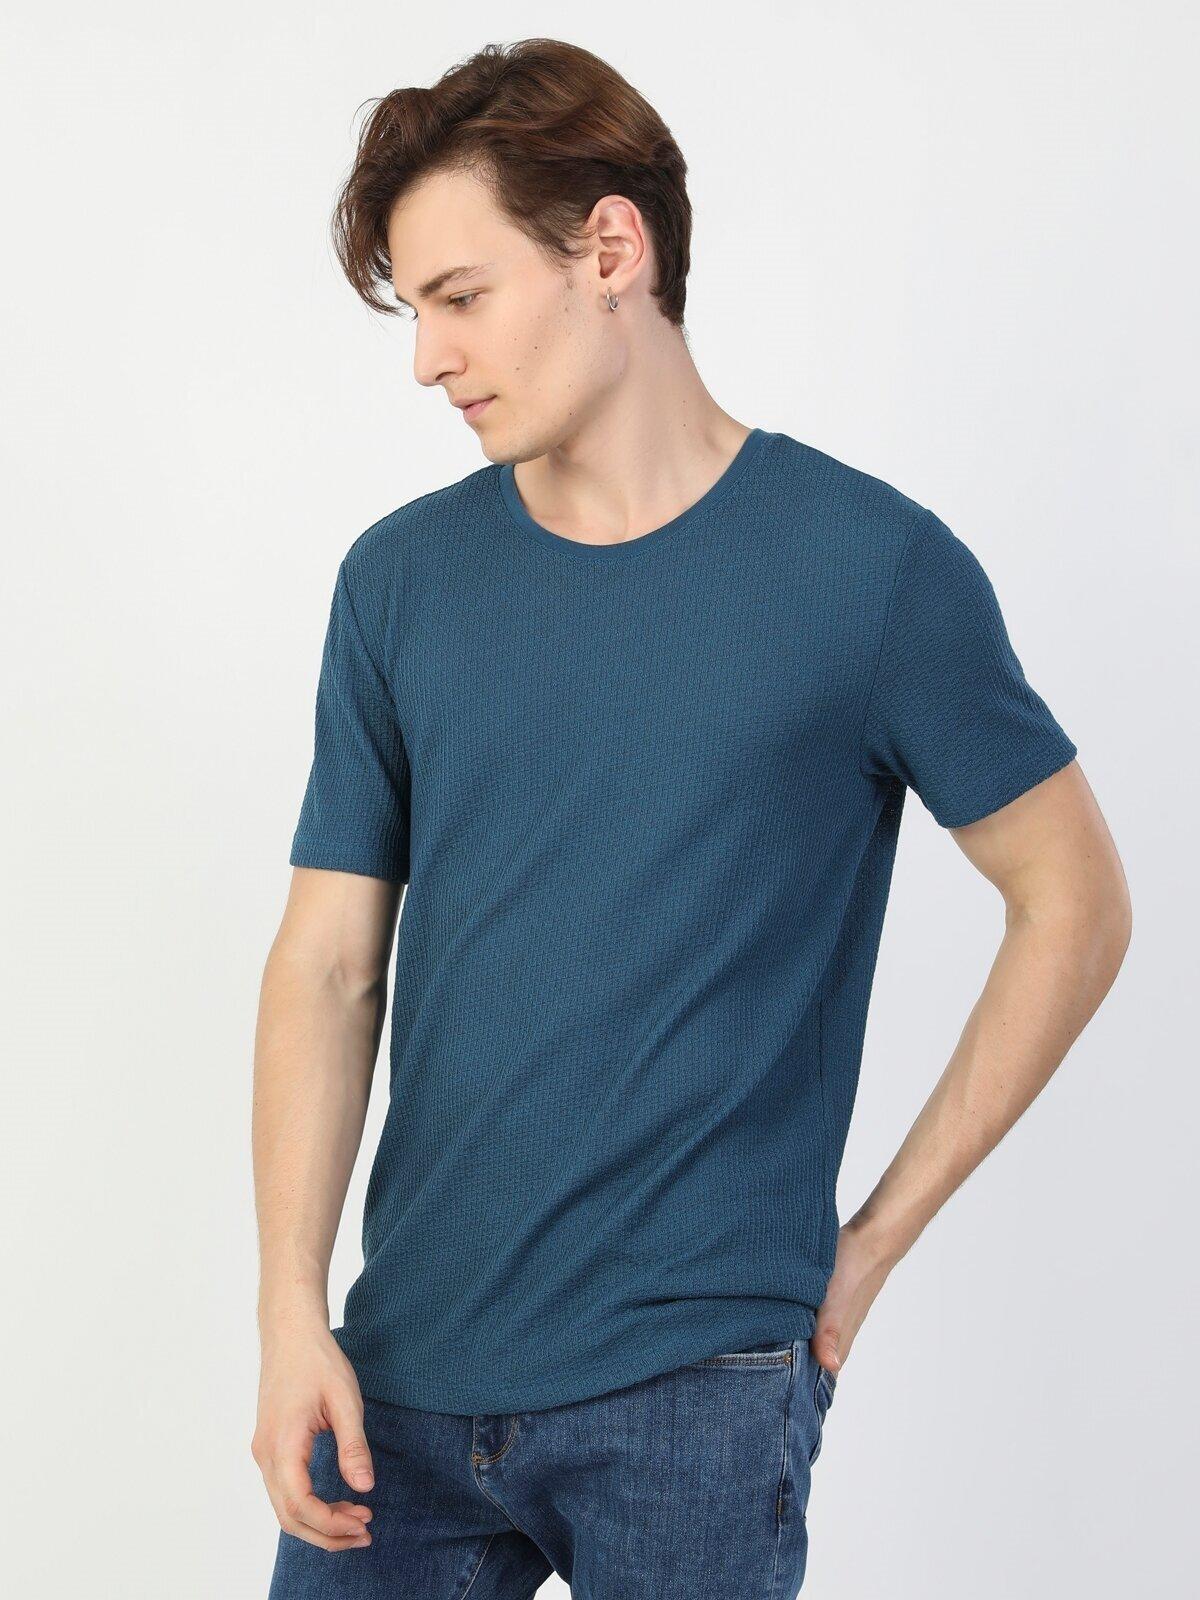 Показать информацию о Мужская футболка с коротким рукавом regular fit CL1046866